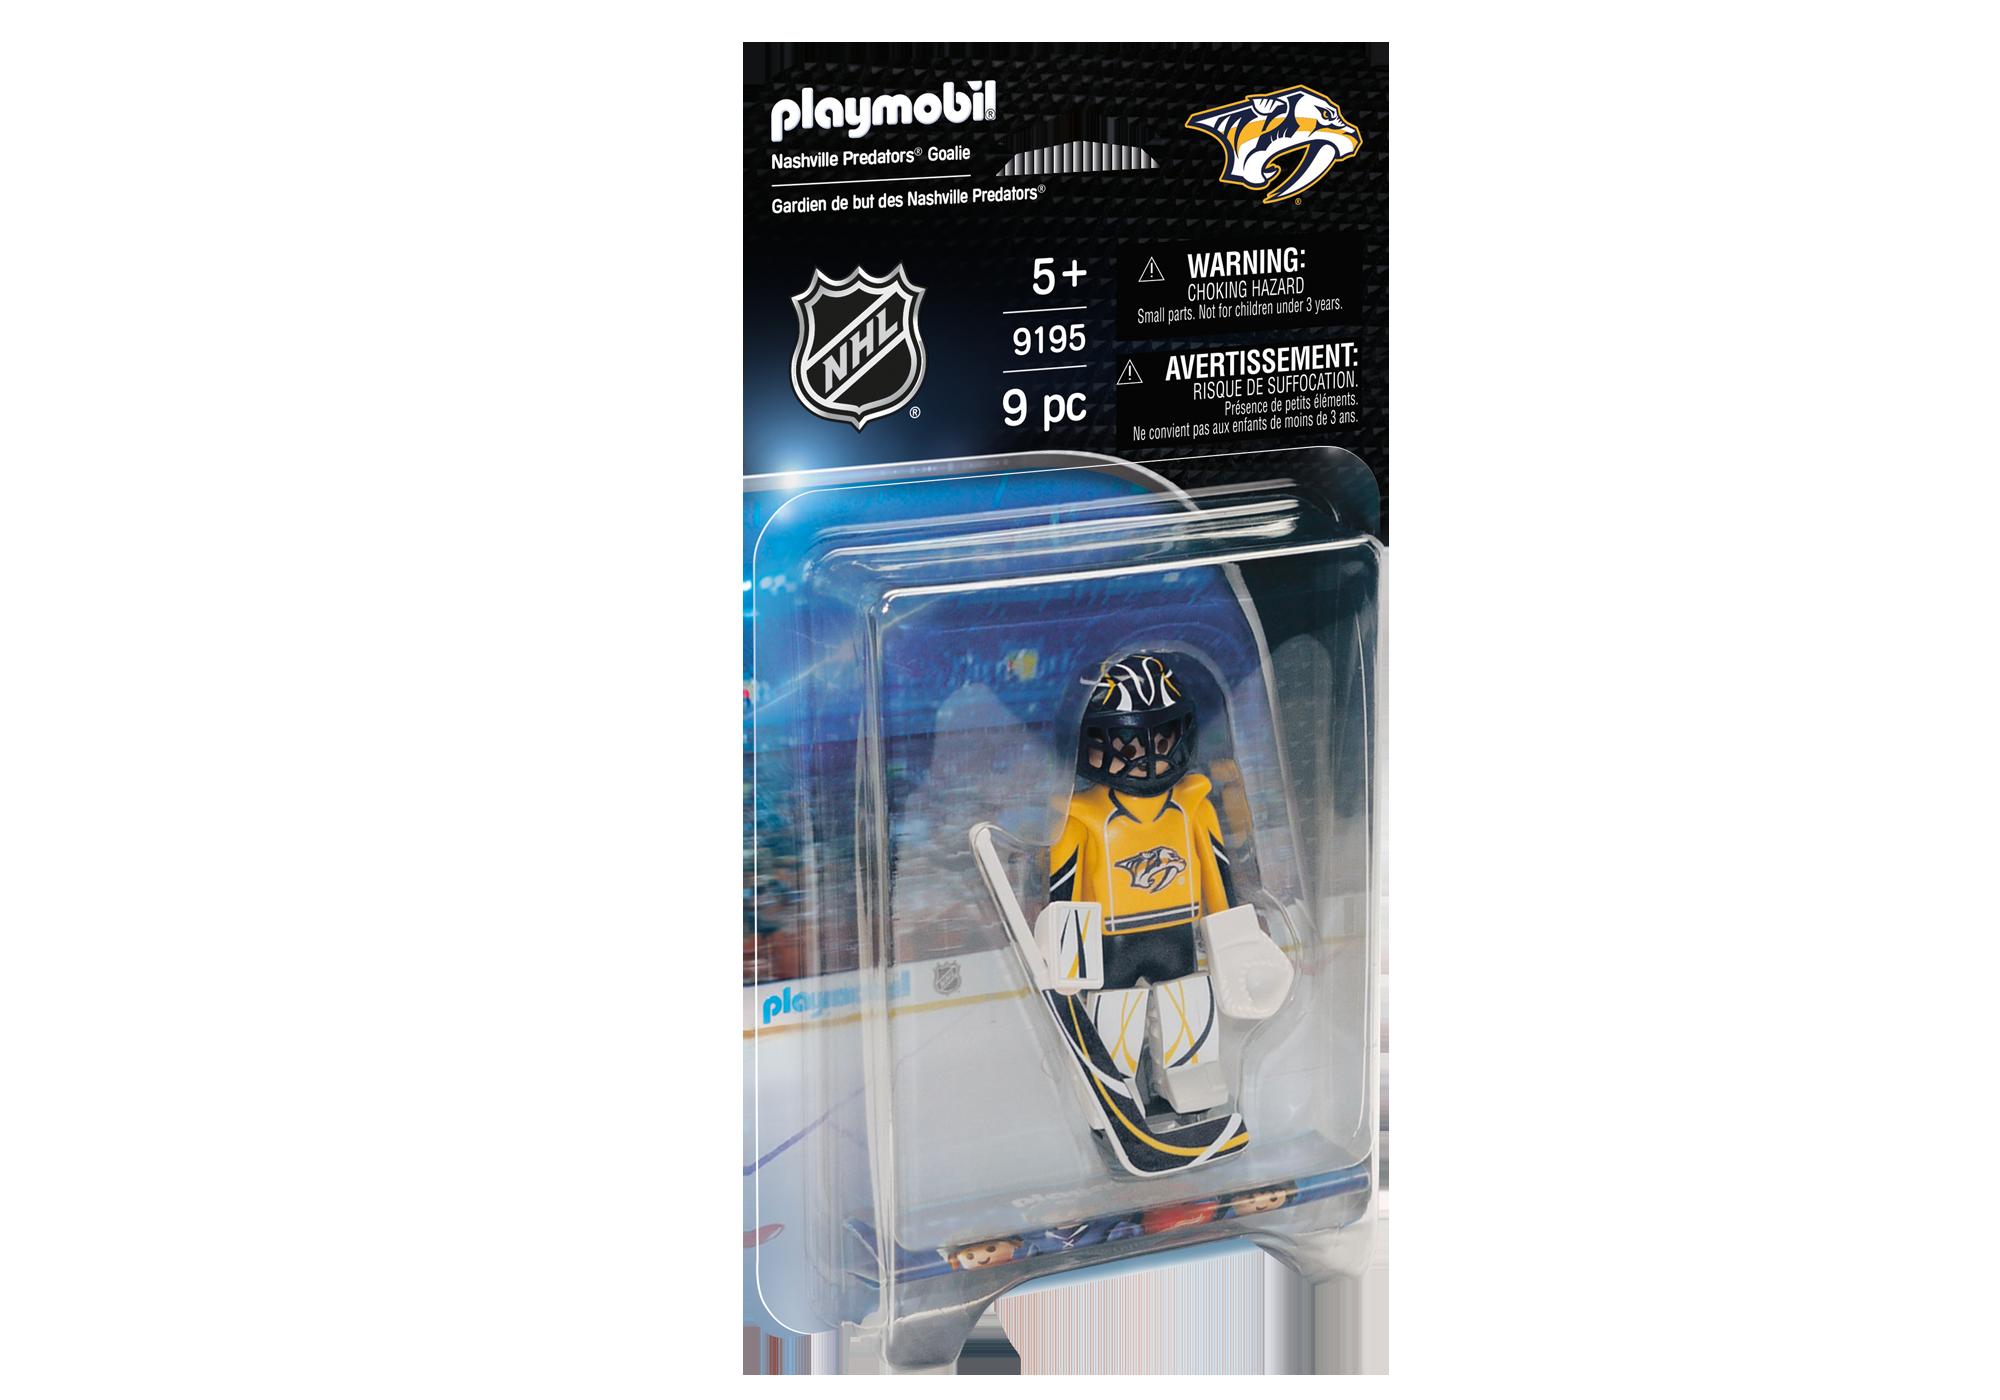 http://media.playmobil.com/i/playmobil/9195_product_box_front/NHL™ Nashville Predators™ Goalie